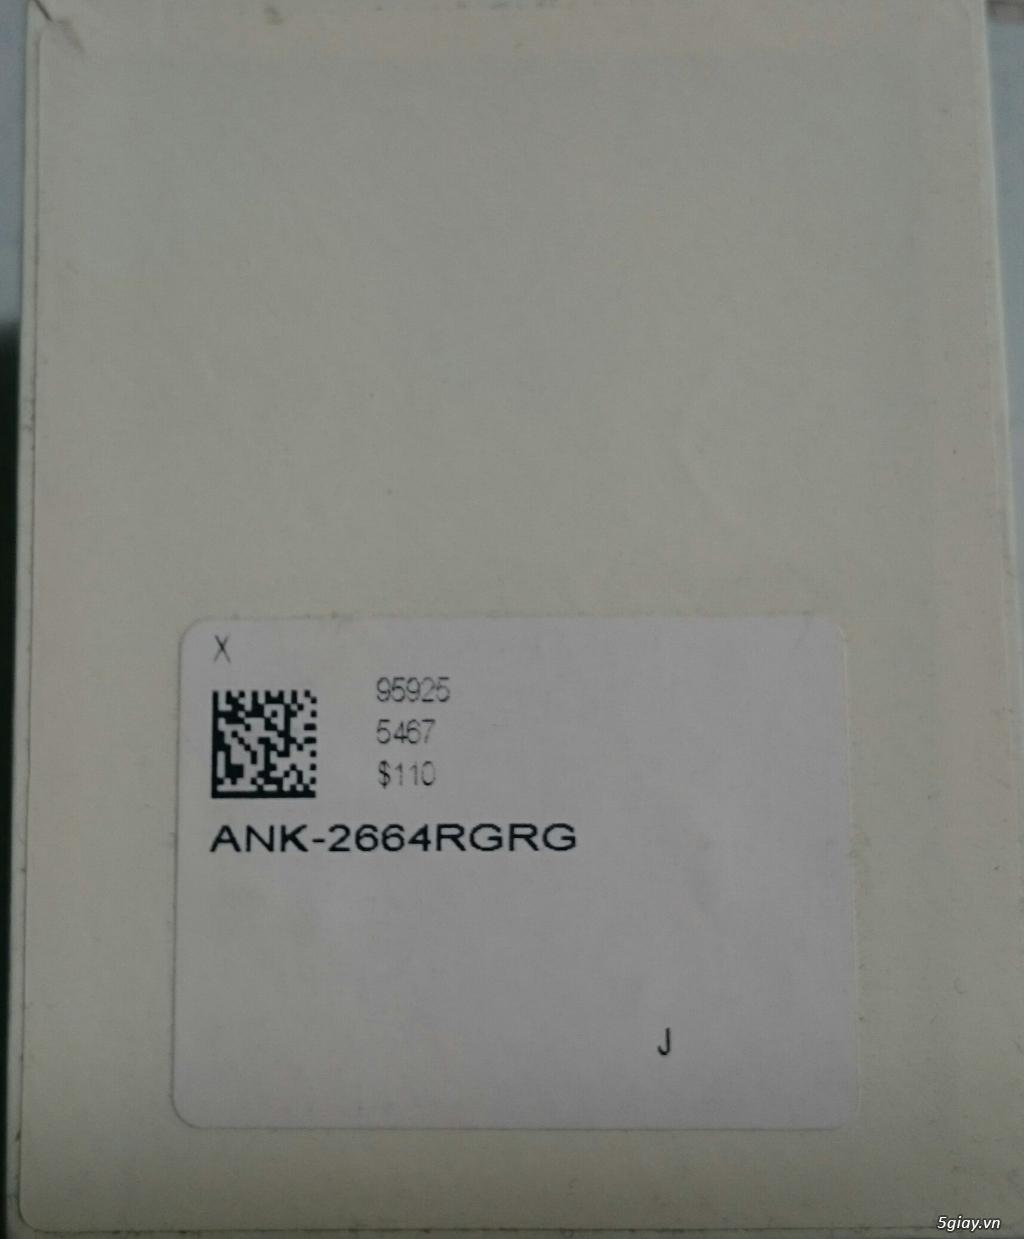 Bán đồng hồ nữ hiệu Anne Klein ANK-2664RGRG mới 100 mặt vuông màu vàng - 1